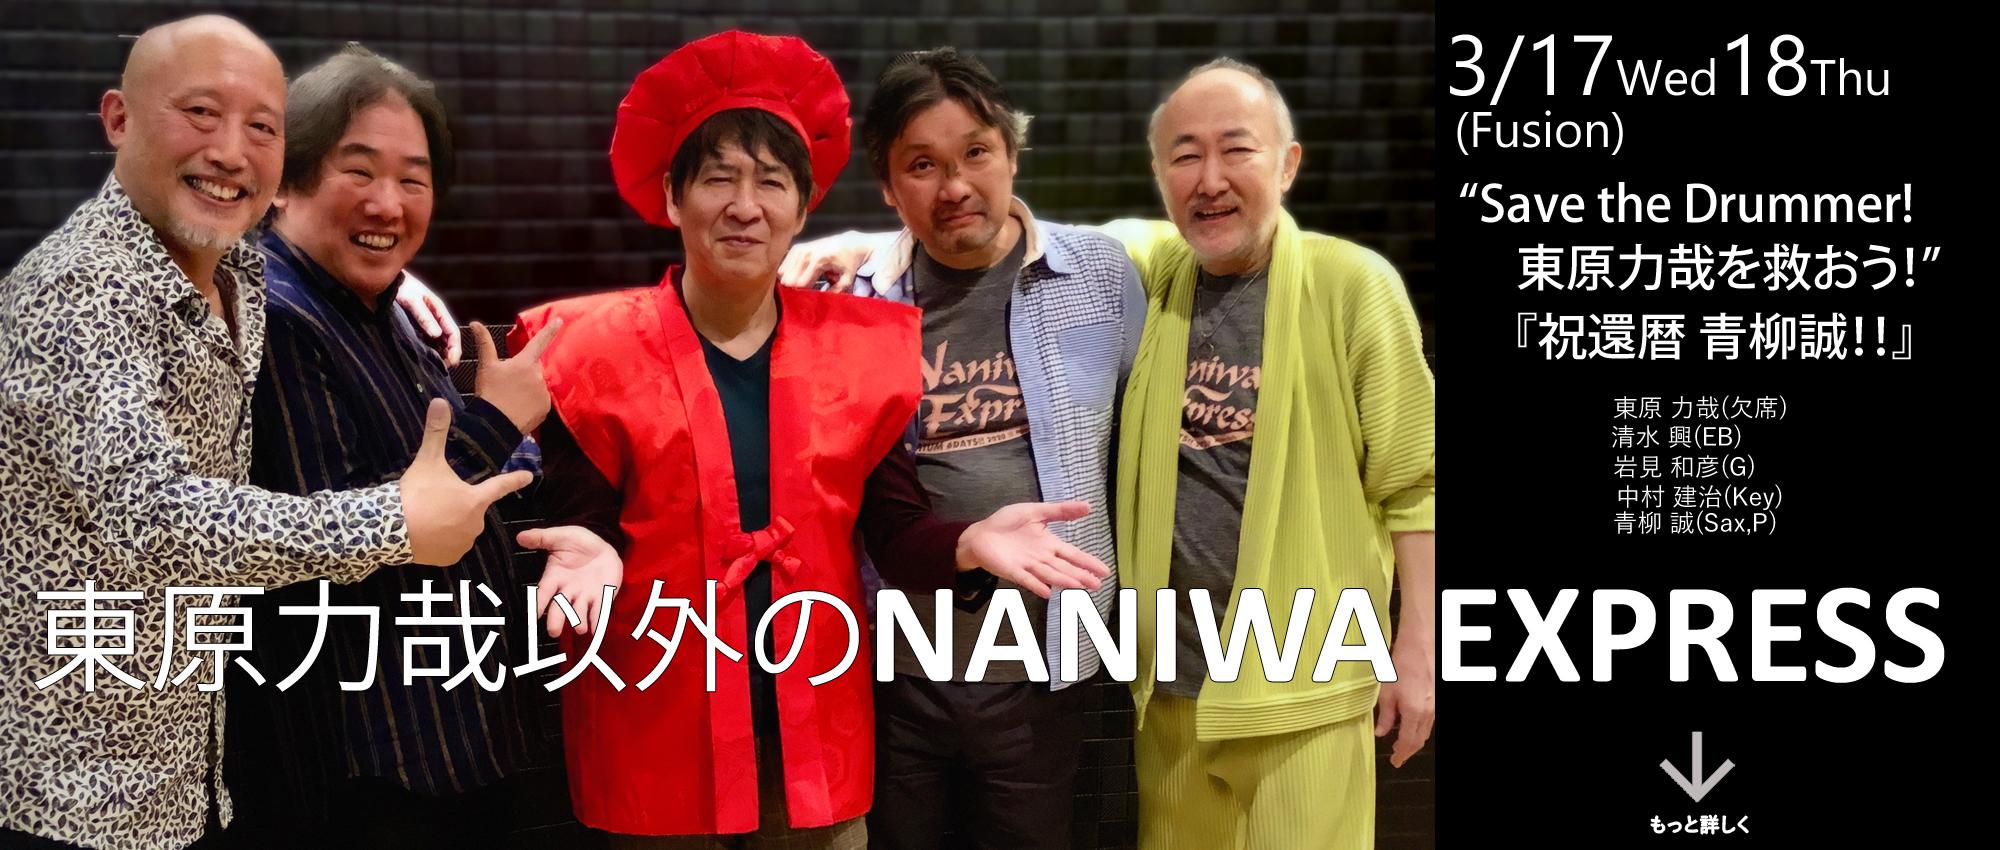 東原力哉以外のNANIWA EXPRESS